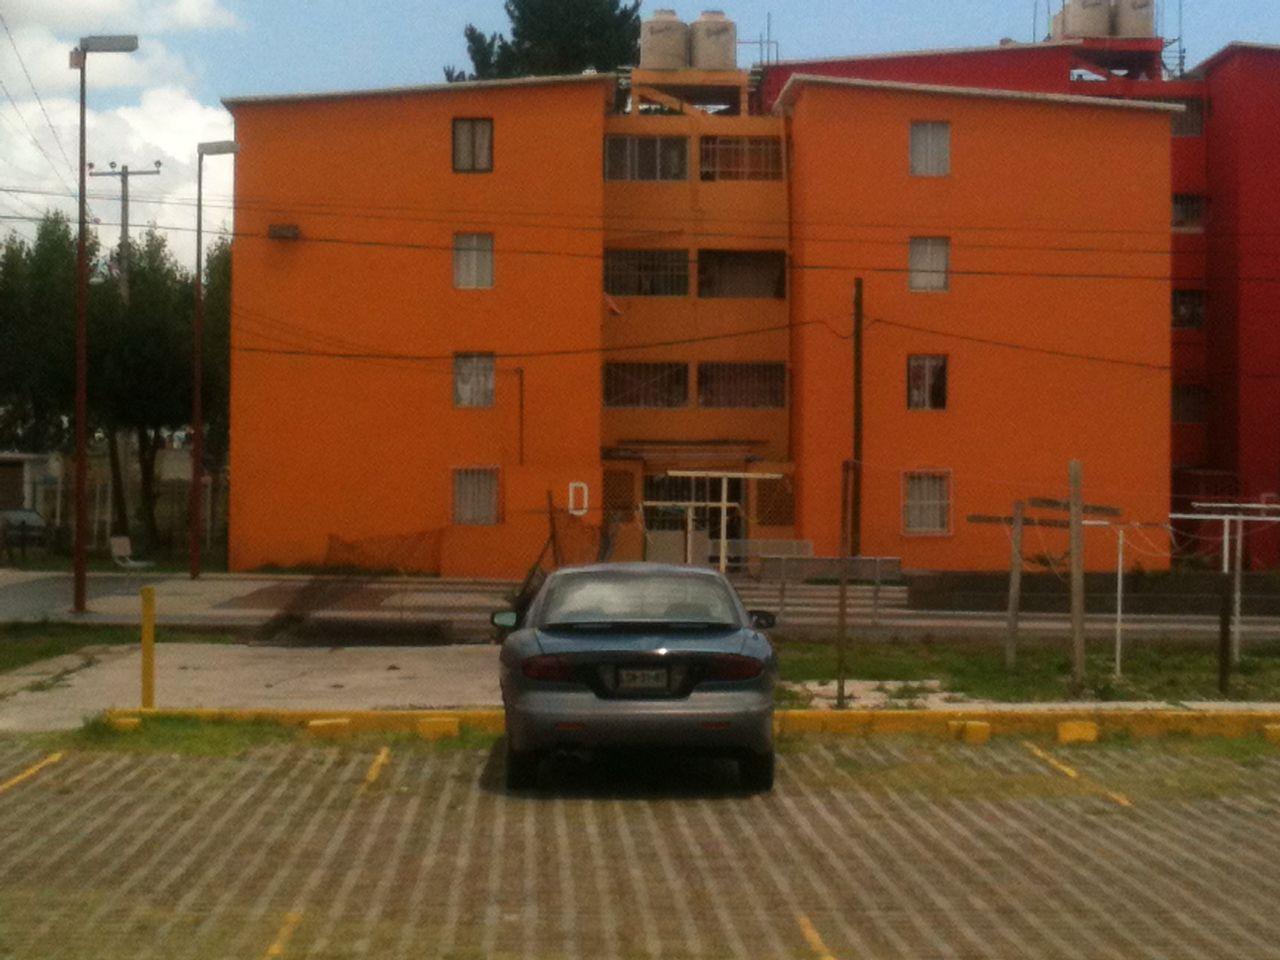 Departamento en Venta en Juan C. Doria, Pachuca De Soto